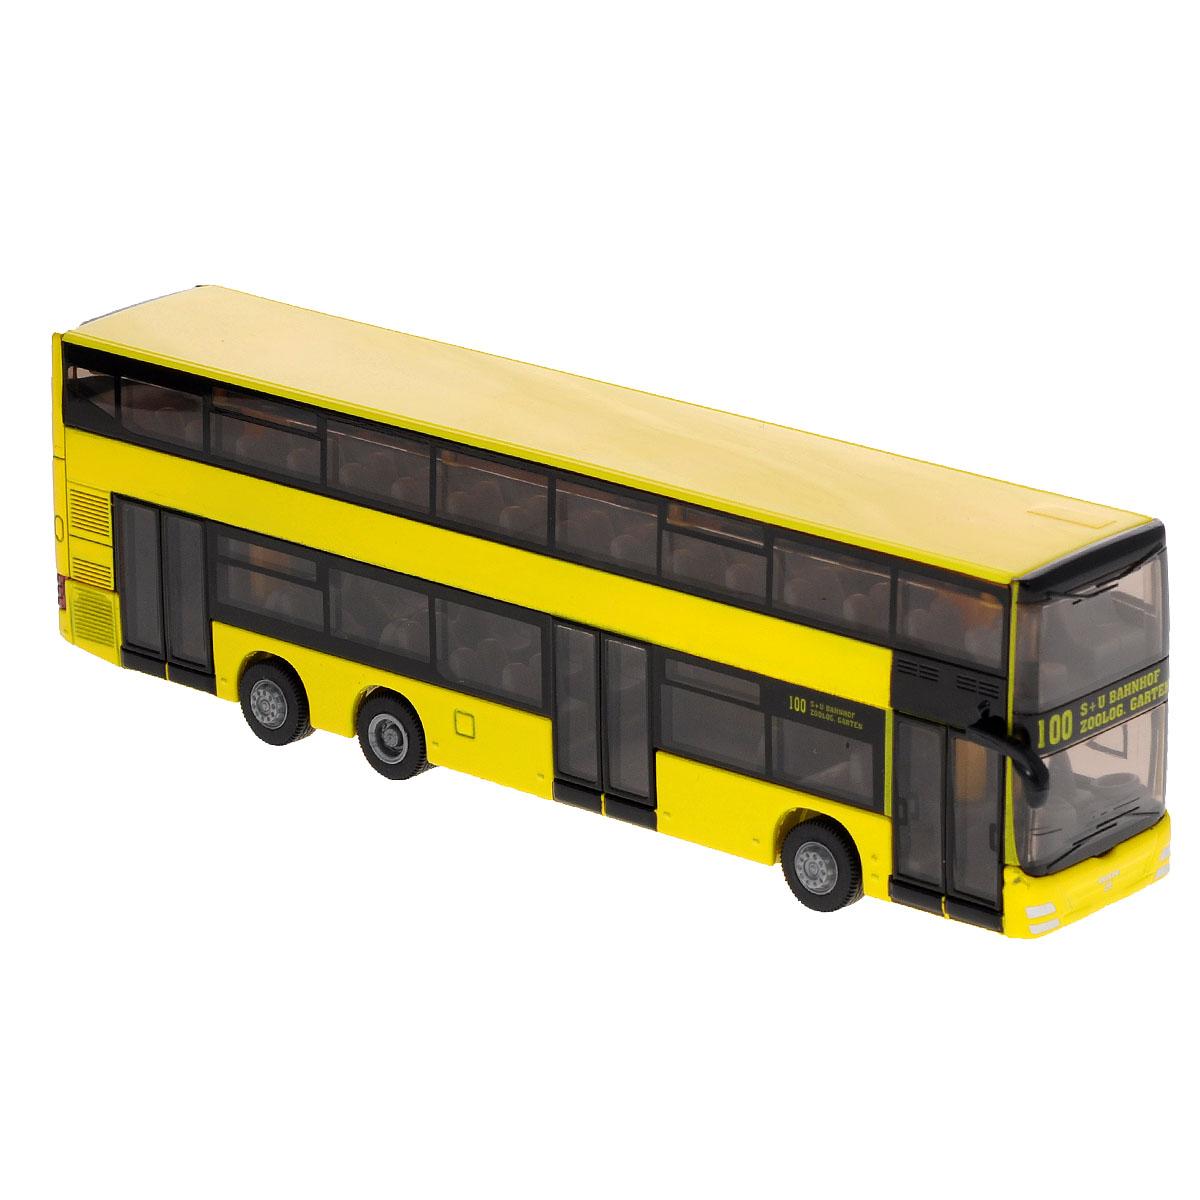 Siku Городской двухэтажный автобус MAN1884Коллекционная модель Siku Городской двухэтажный автобус выполнена в виде точной копии двухэтажного городского автобуса Man в масштабе 1/87. Такая модель понравится не только ребенку, но и взрослому коллекционеру, и приятно удивит вас высочайшим качеством исполнения. Модель выполнена из металла с элементами из пластика; прорезиненные колеса крутятся. Коллекционная модель станет не только интересной игрушкой для ребенка, но и займет достойное место в коллекции. Порадуйте его таким замечательным подарком!